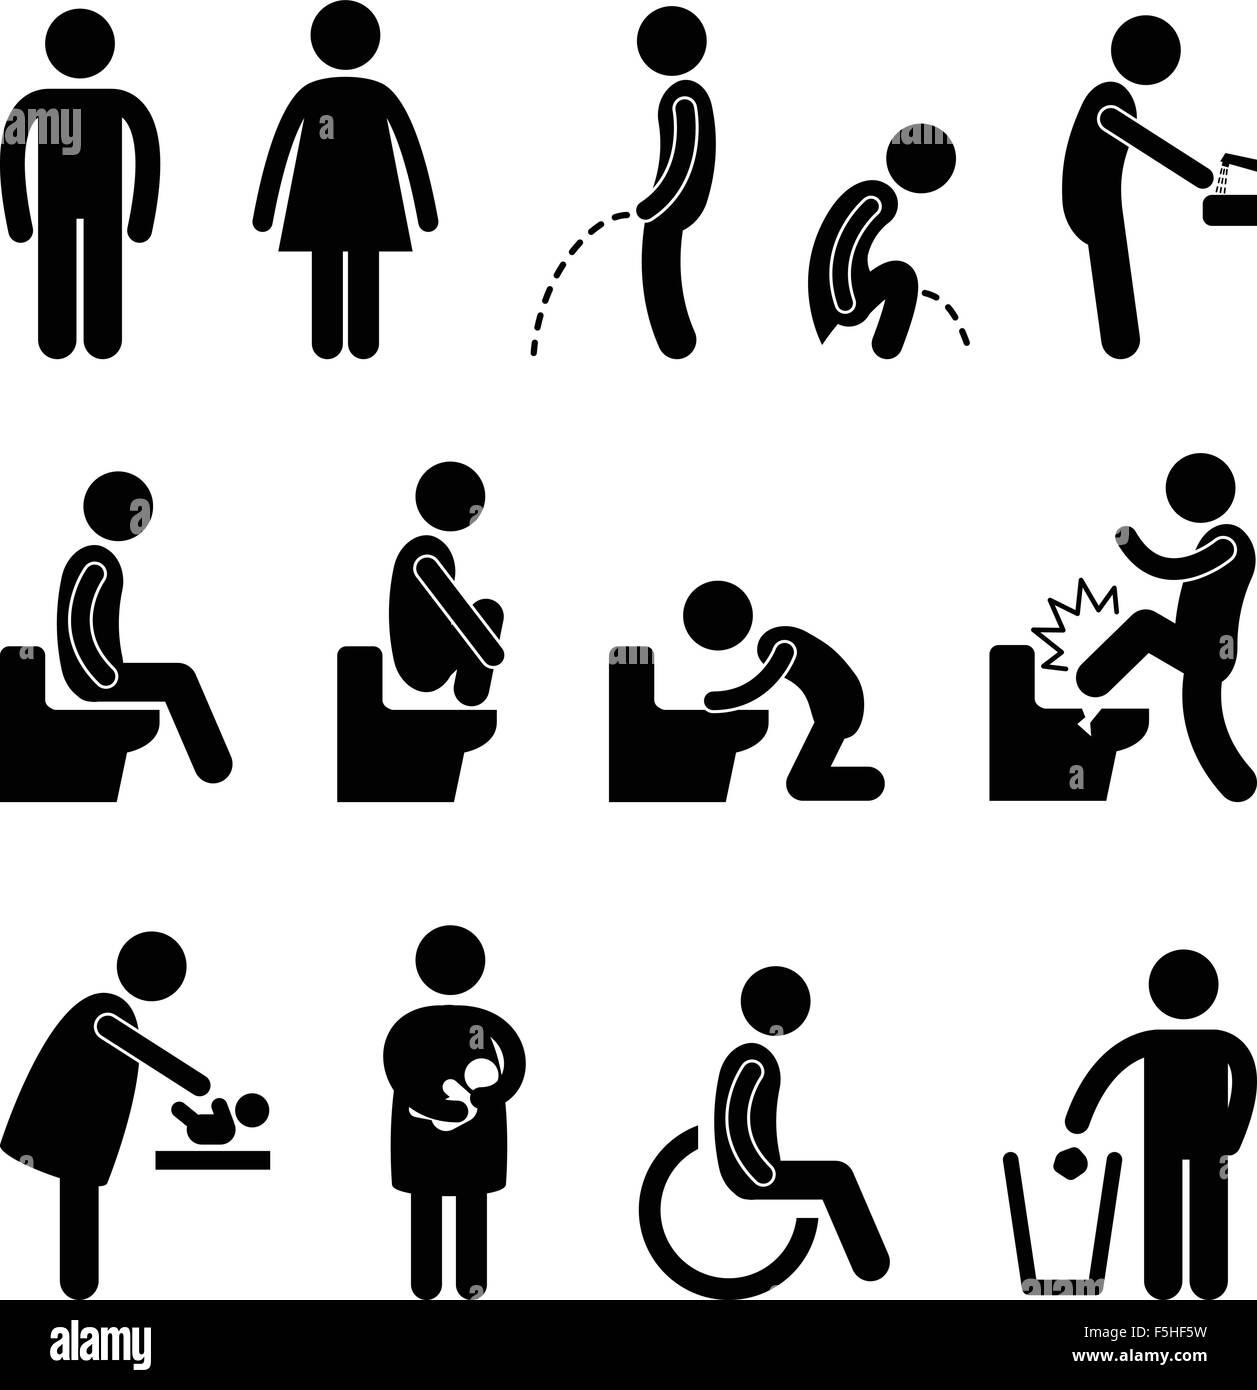 Bathroom Sign Person toilet bathroom pregnant handicap public sign stock vector art